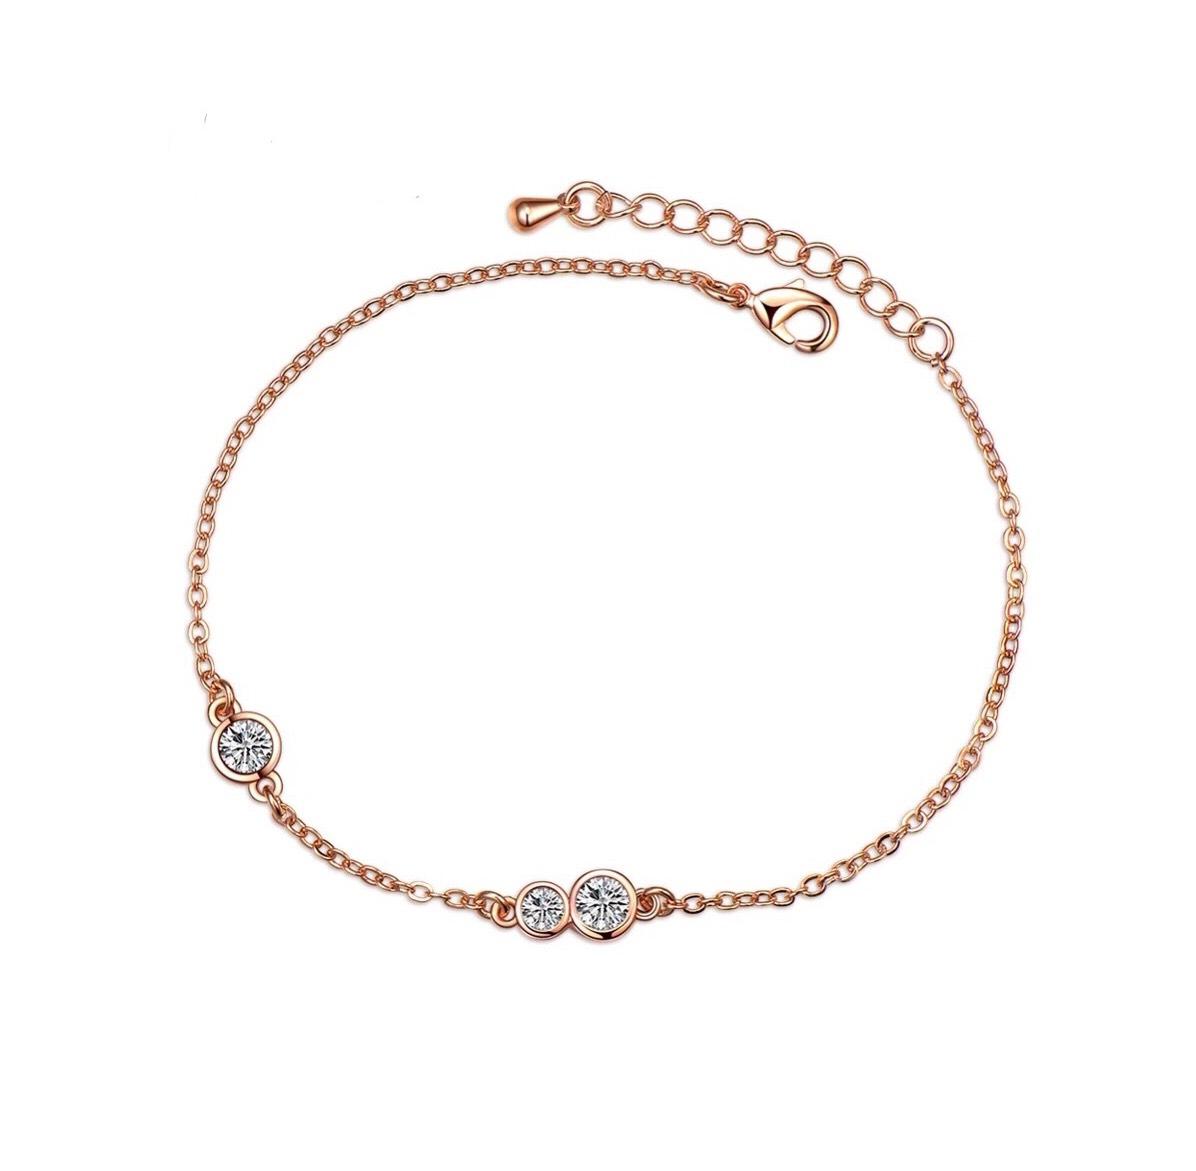 plus récent 09f2d e8d64 Bracelet cadeau femme tendance 2019